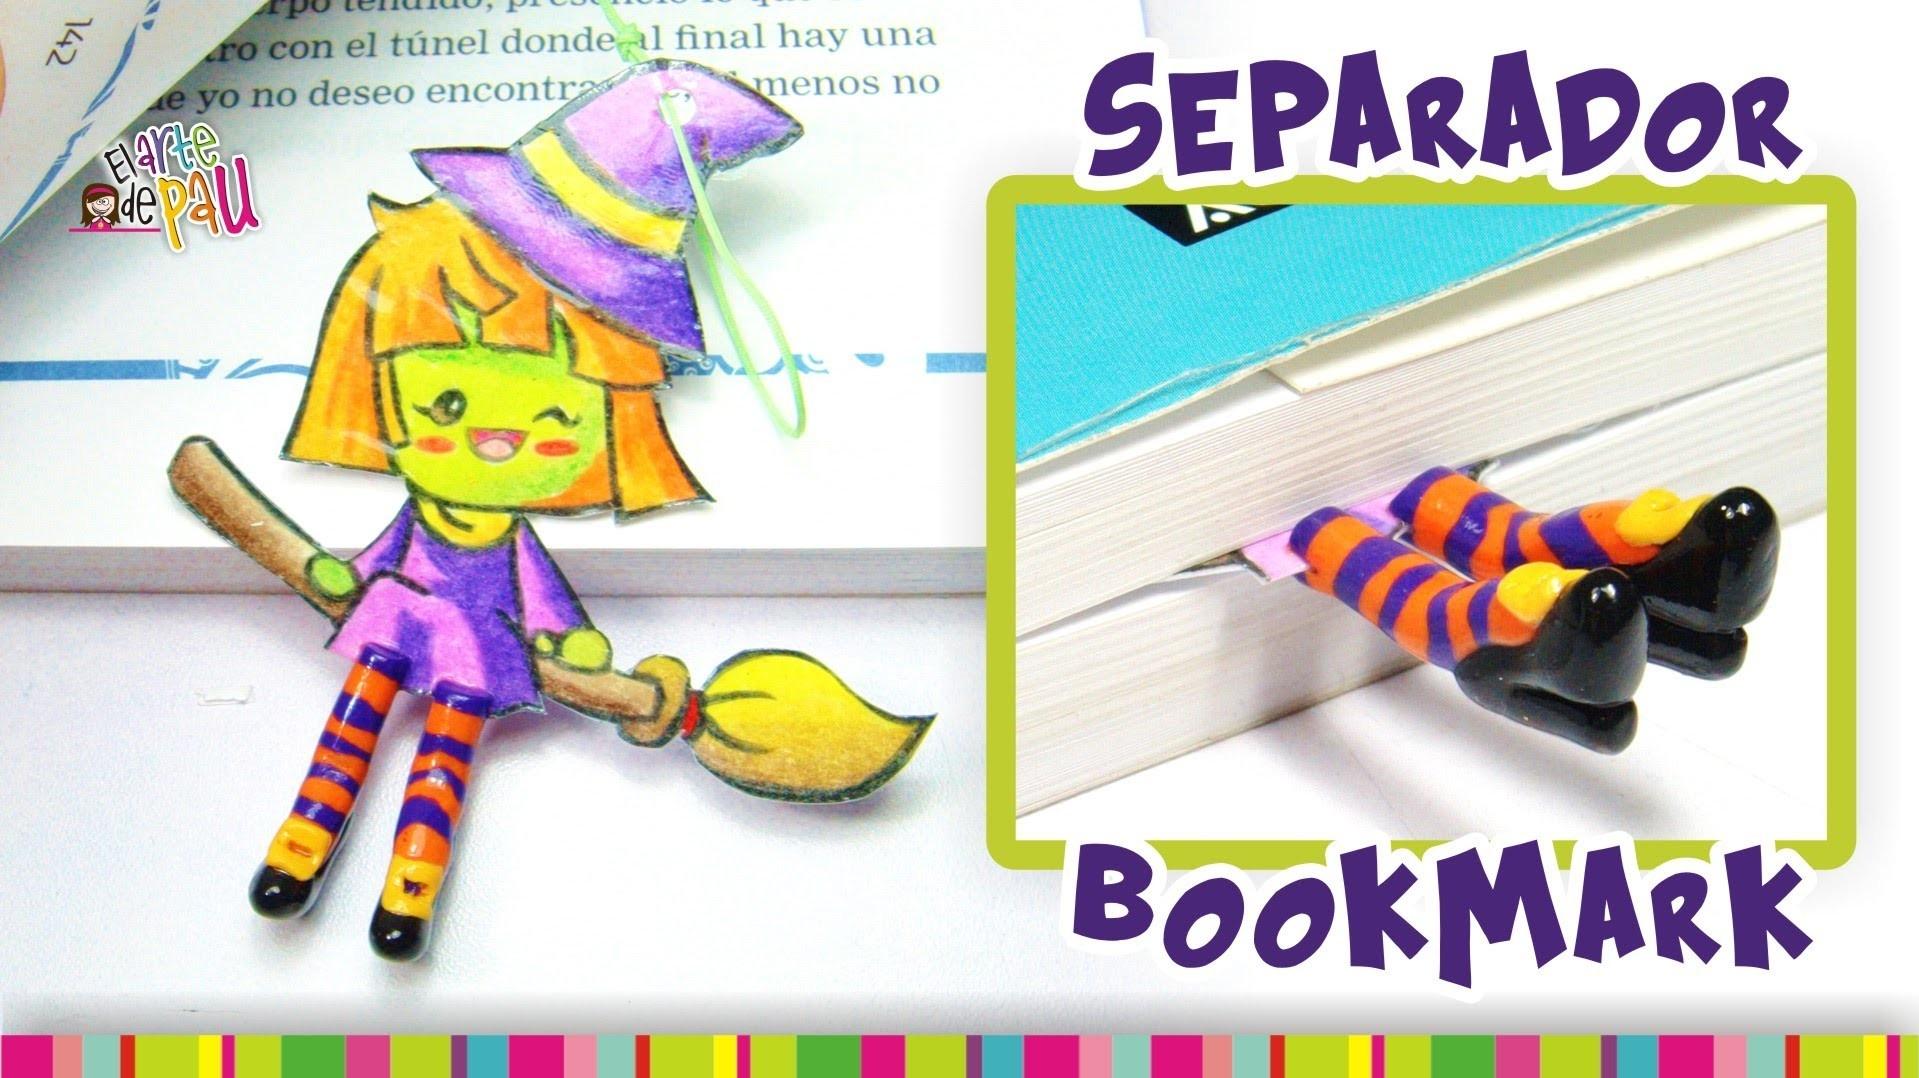 Witch BookMark Polymer Clay Tutorial. Separador de brujita de Arcilla Polimérica